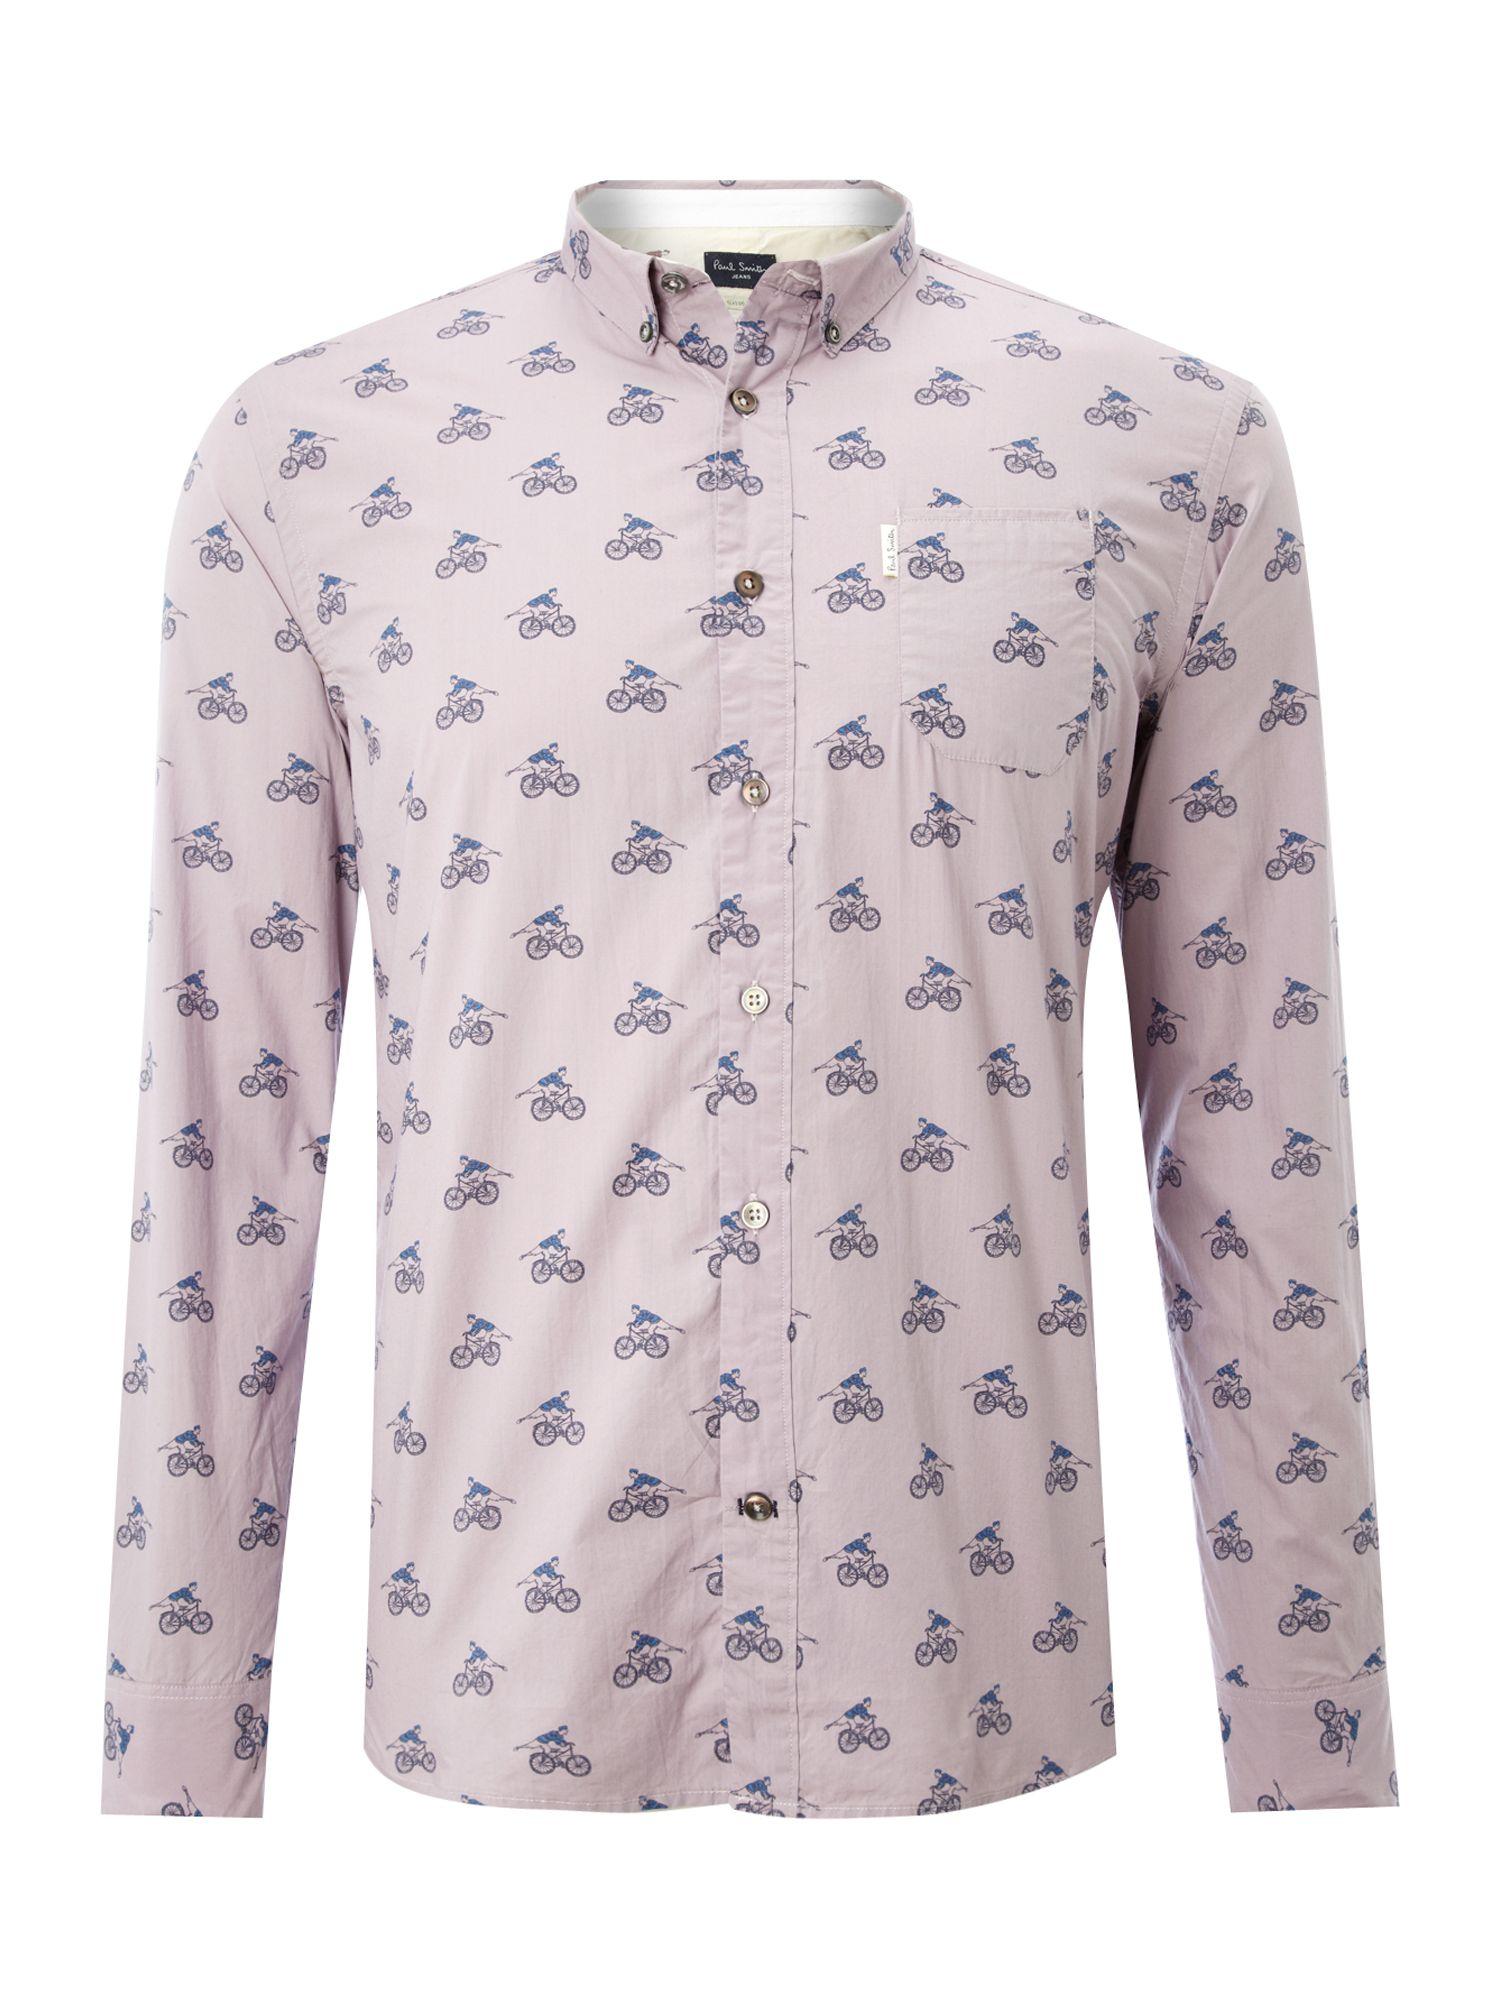 Alexander Mcqueen Shirt Mens